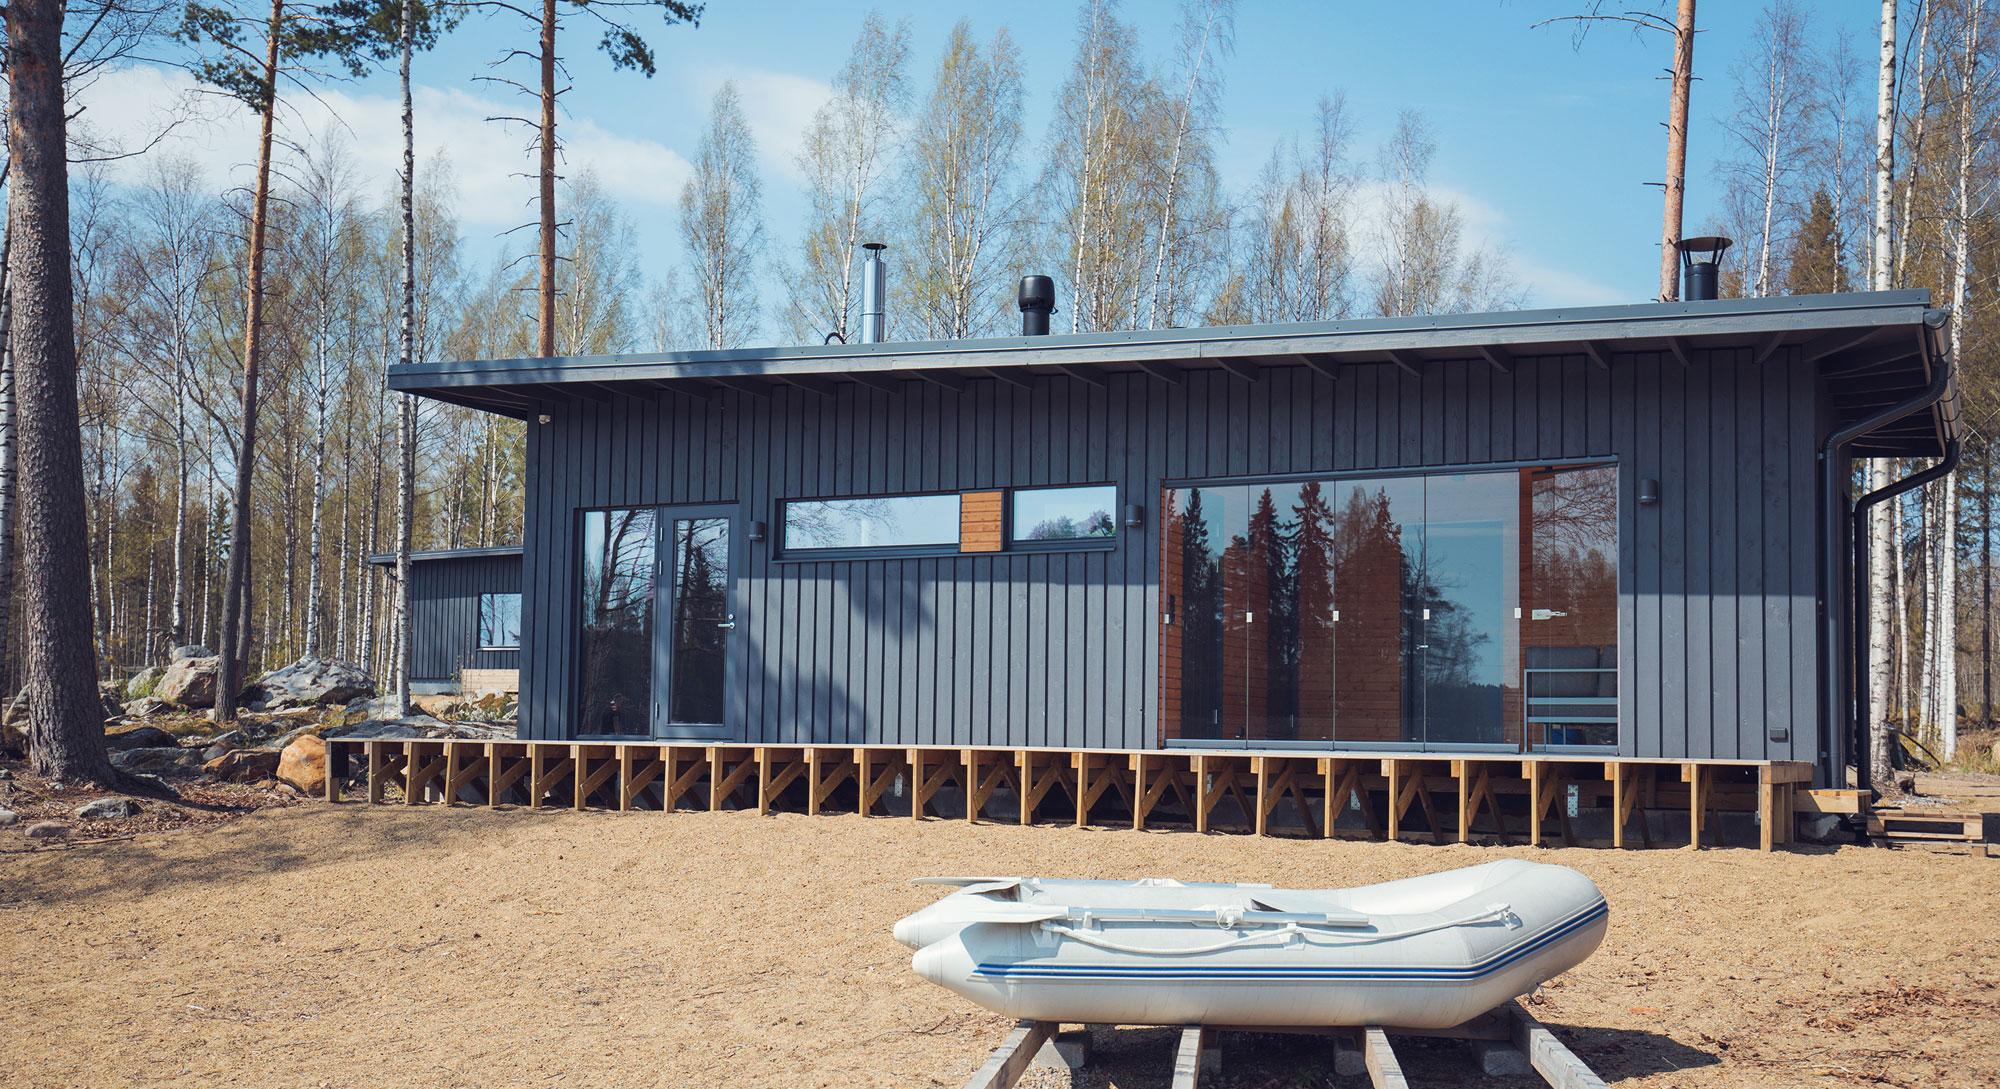 arkkitehti on huomioinut terassilasit talon suunnittelussa